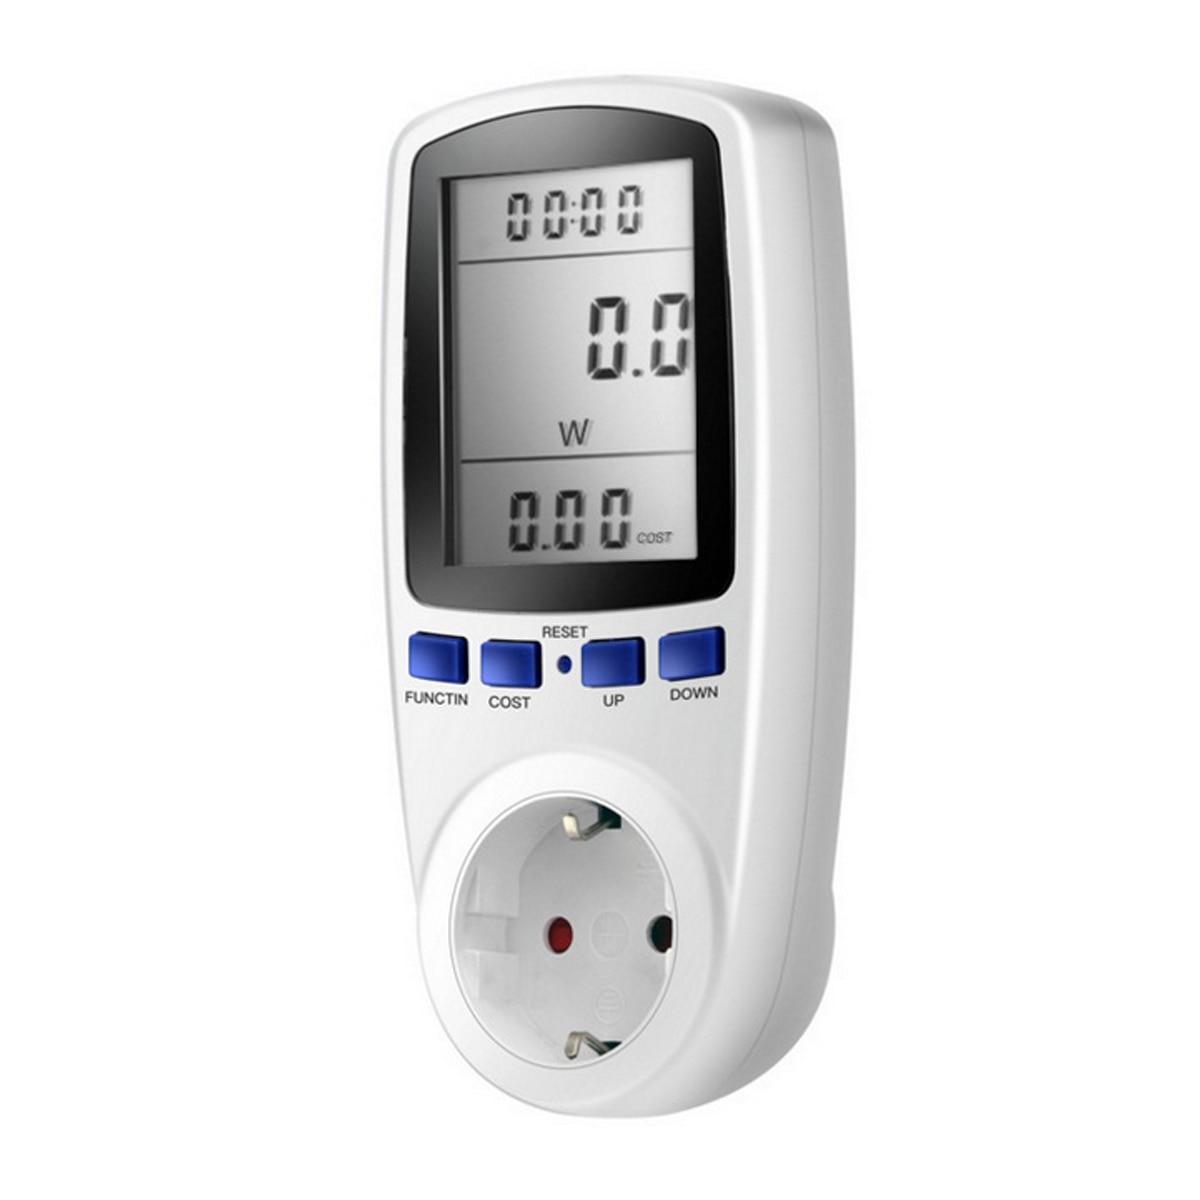 Prise en courant EU UK, prise en courant numérique wattmètre à tension numérique consommation électrique, moniteur d'énergie à Watt KWh, AC 230V 120V